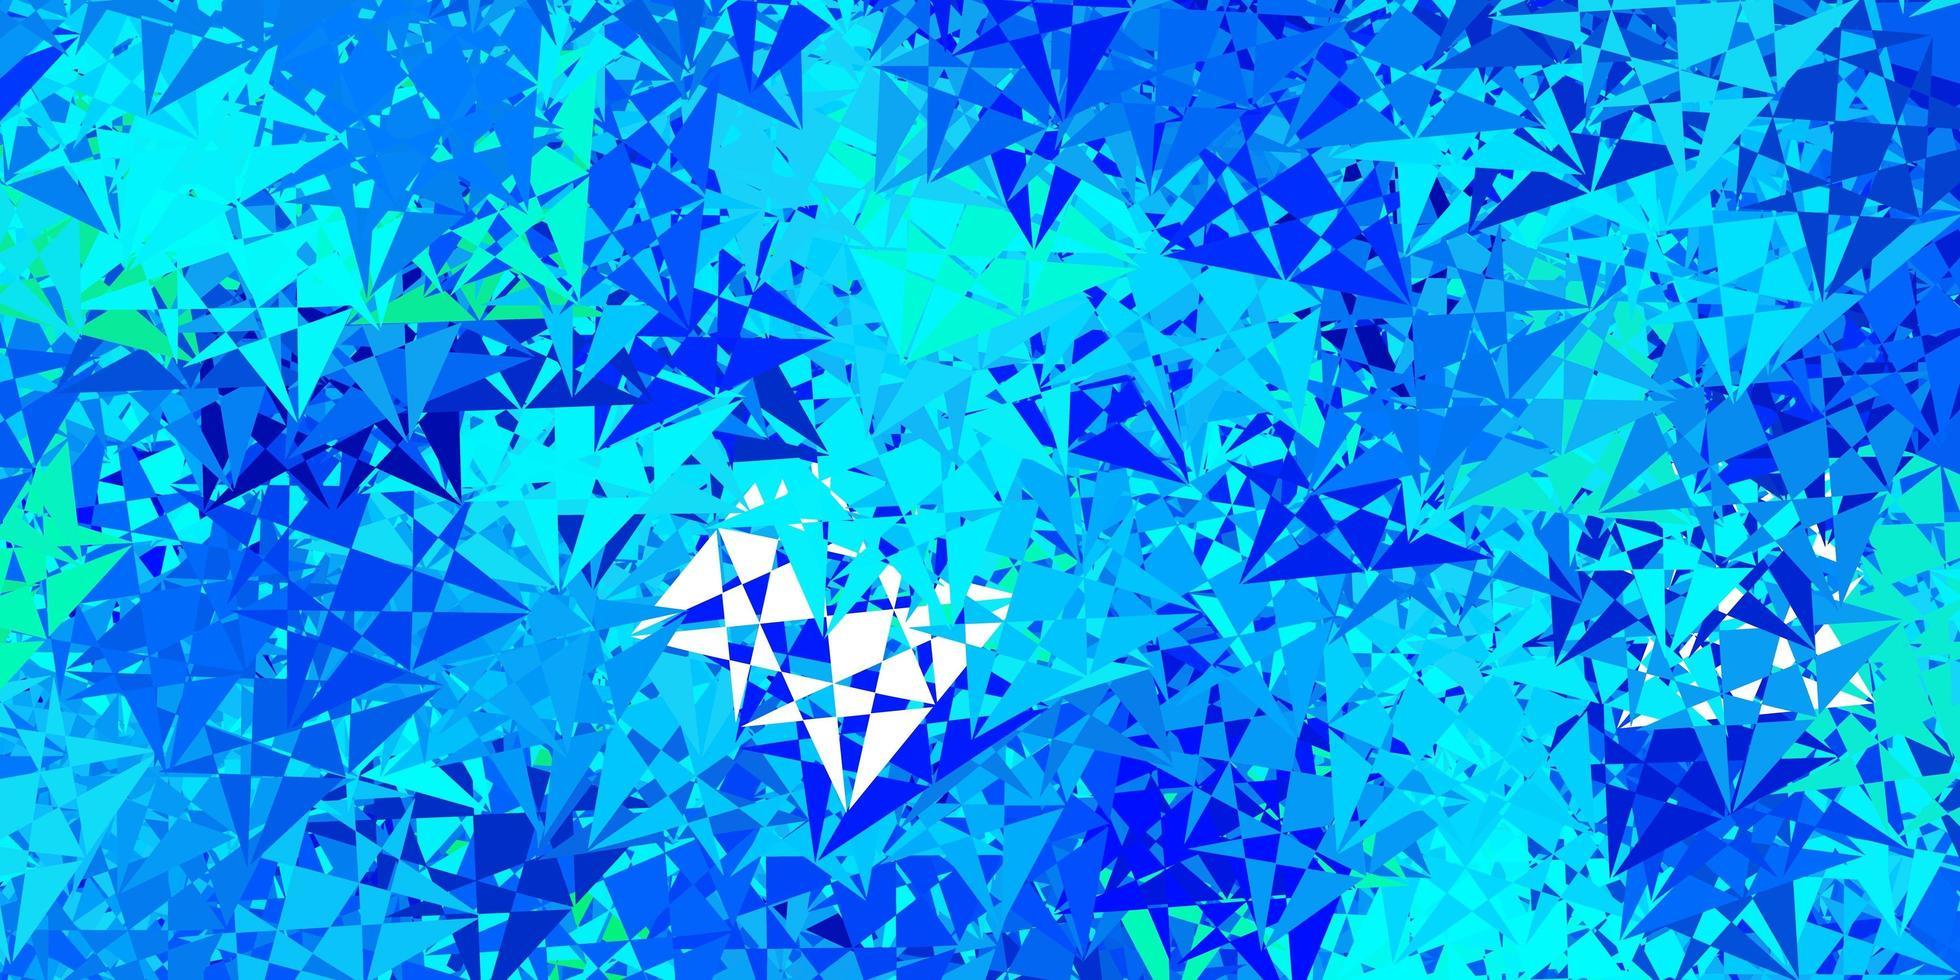 sfondo blu e verde con triangoli. vettore